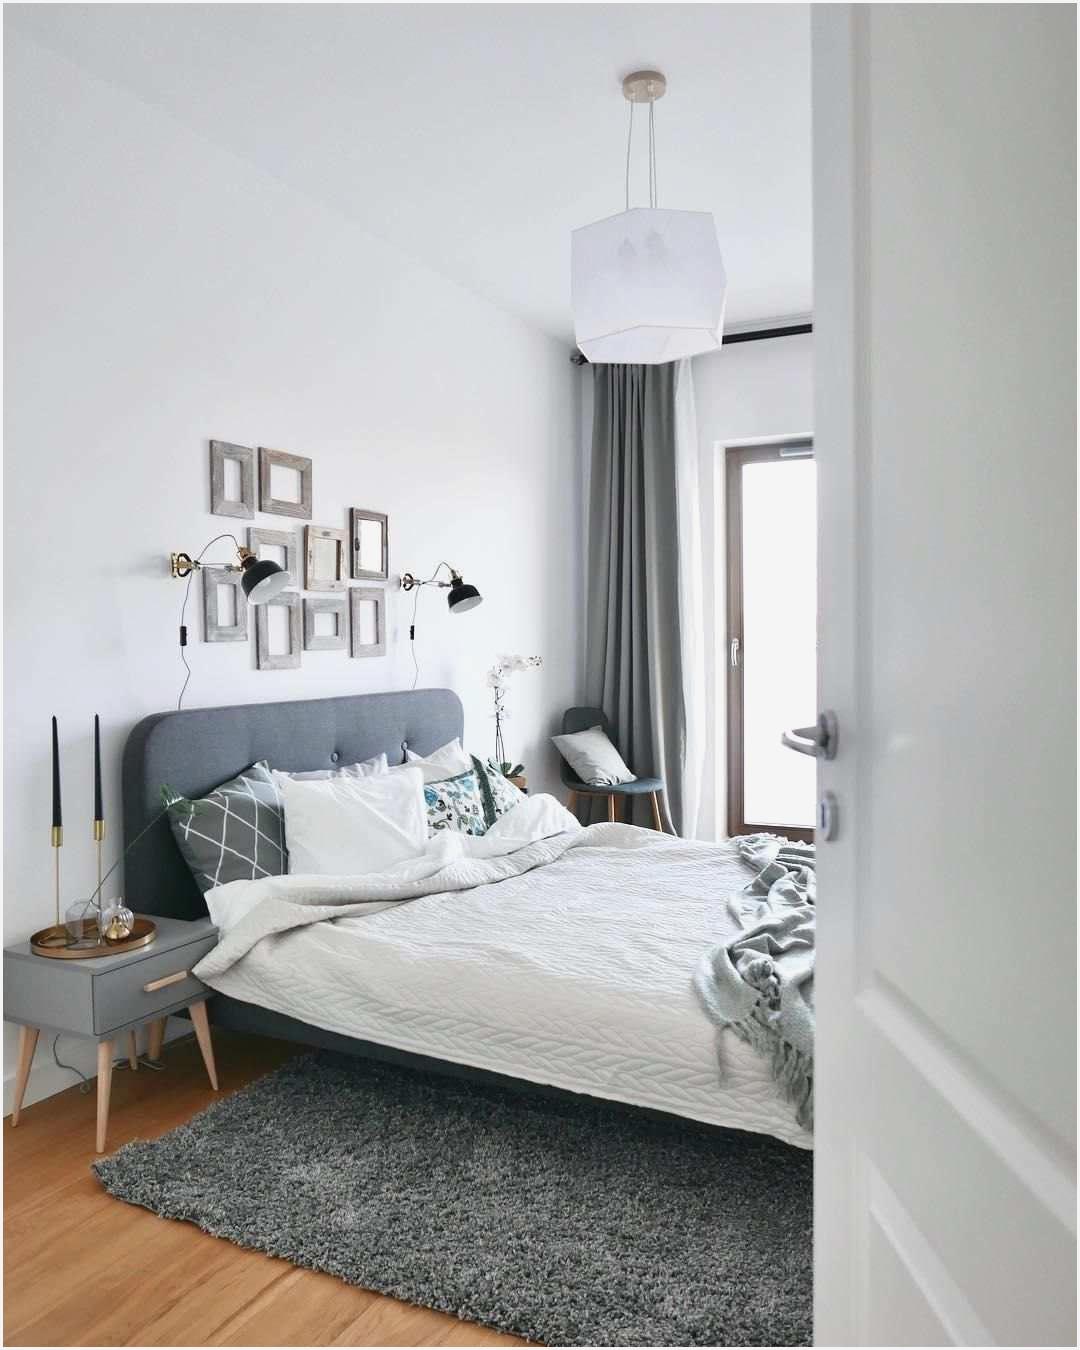 Full Size of Deko Schlafzimmer Wohnzimmer Badezimmer Wanddeko Küche Dekoration Für Wohnzimmer Deko Fensterbank